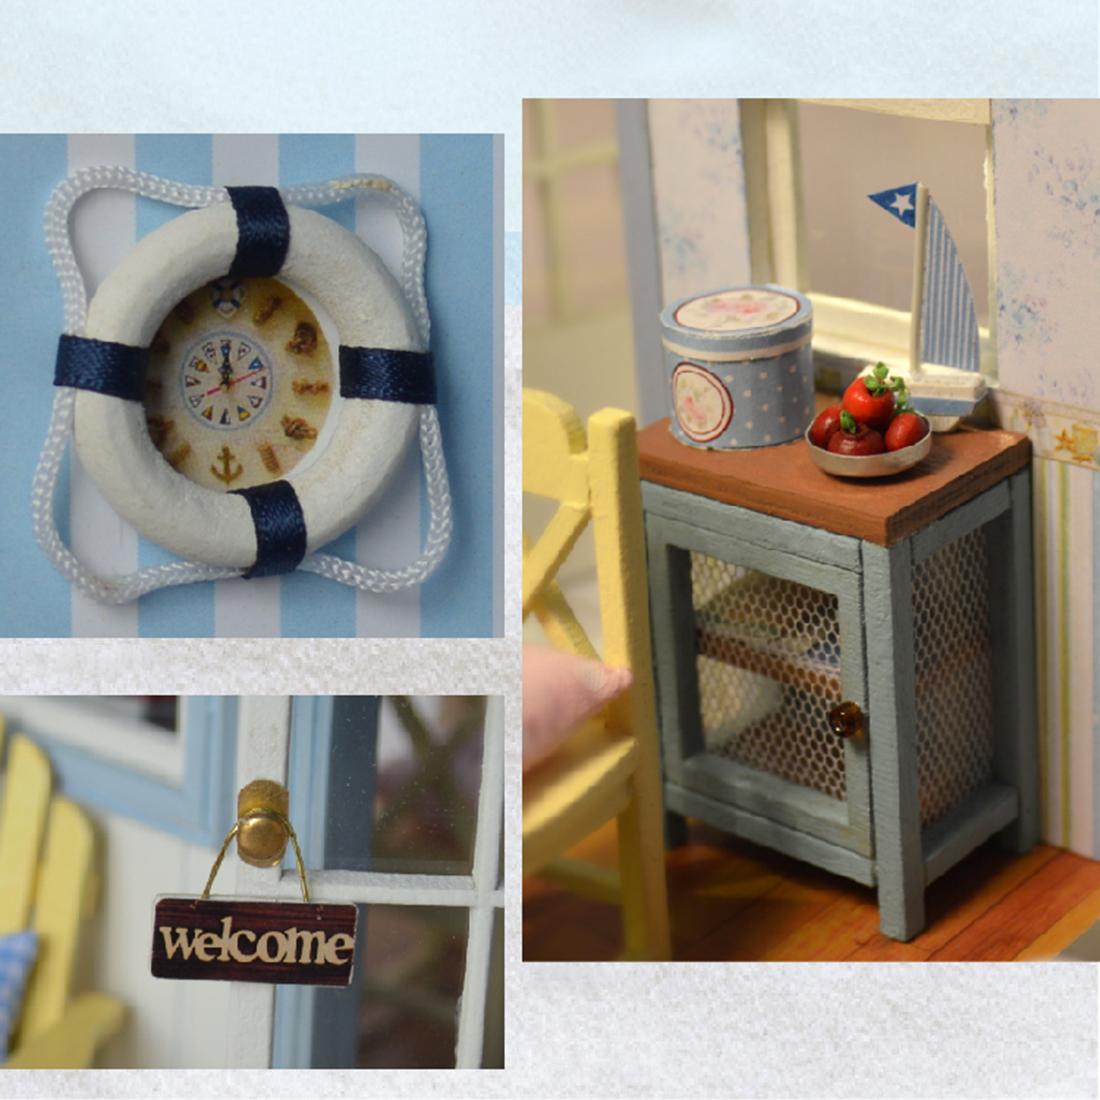 - Robotime - DIY Models, DIY Miniature Houses, 3d Wooden Puzzle